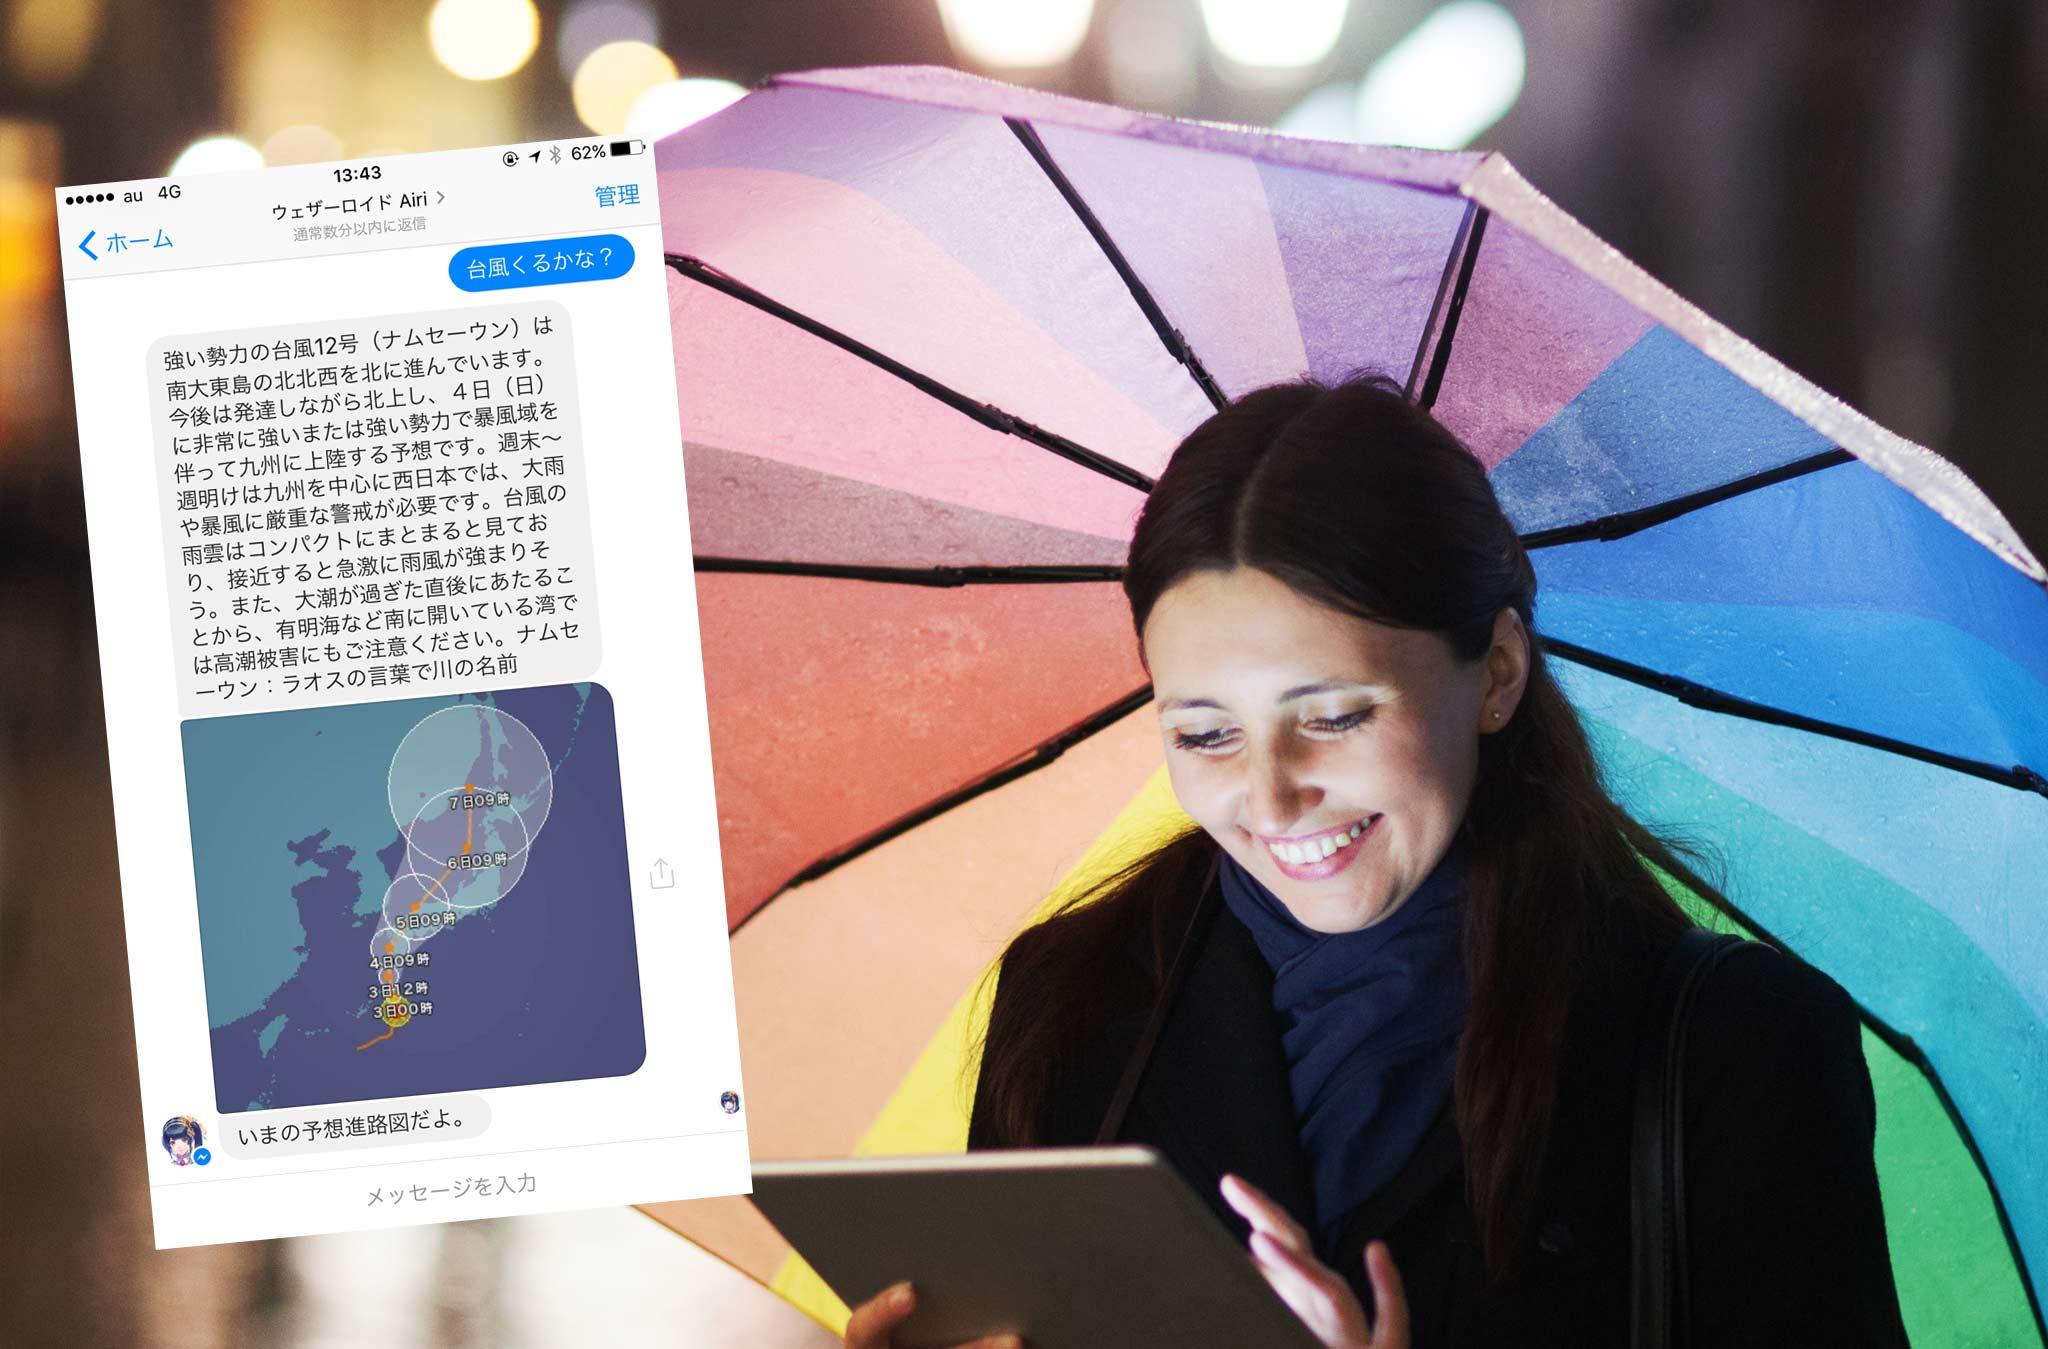 人工知能お天気キャスター「Airi」で天気を知る。台風の進路予想も。